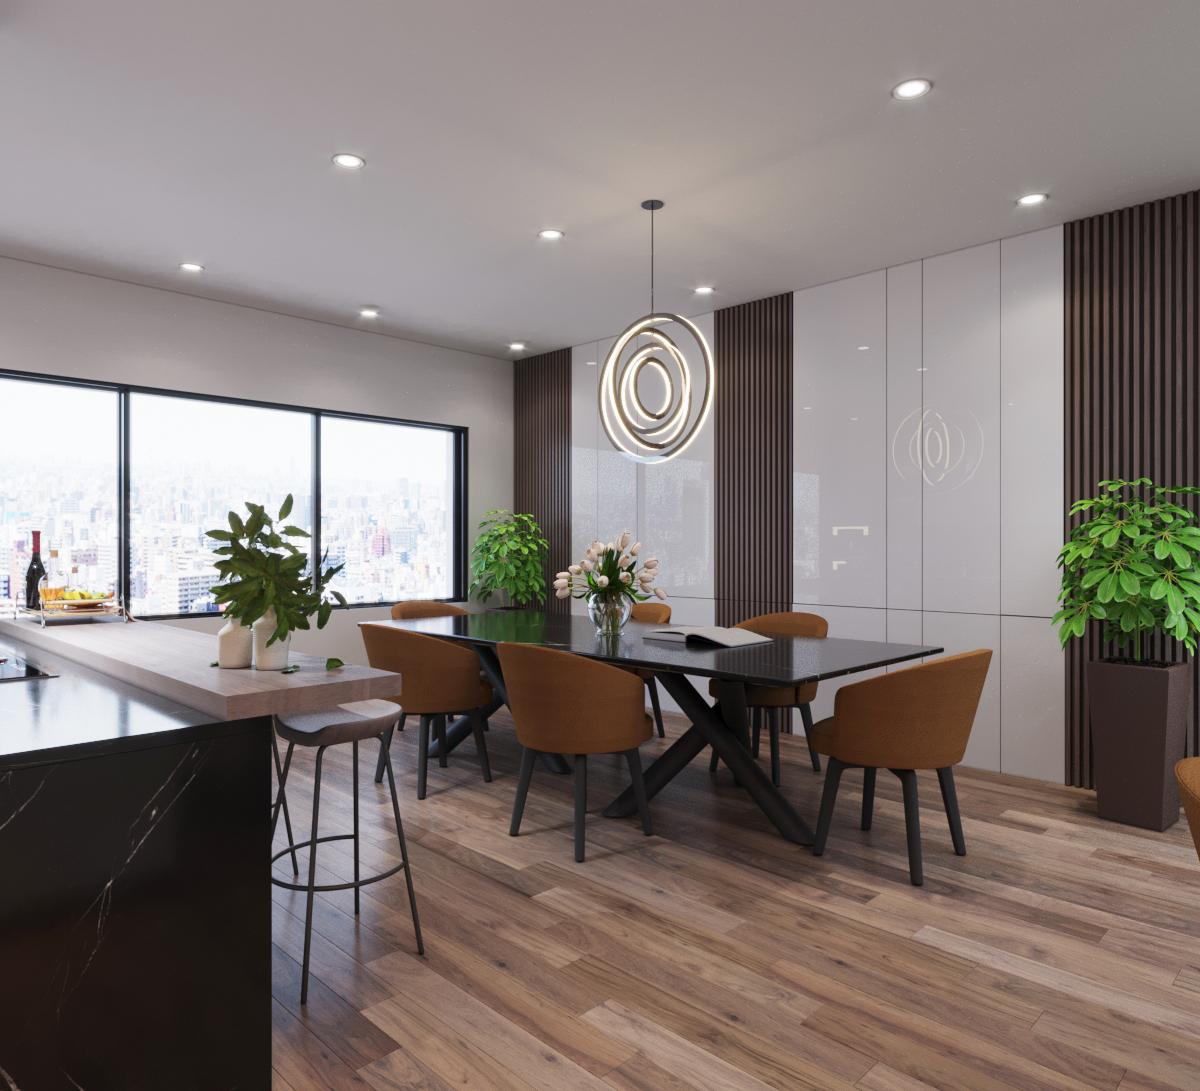 Thiết kế nội thất Nhà Mặt Phố tại Quảng Ninh NỘI THẤT SHOWROOM 1595216316 2